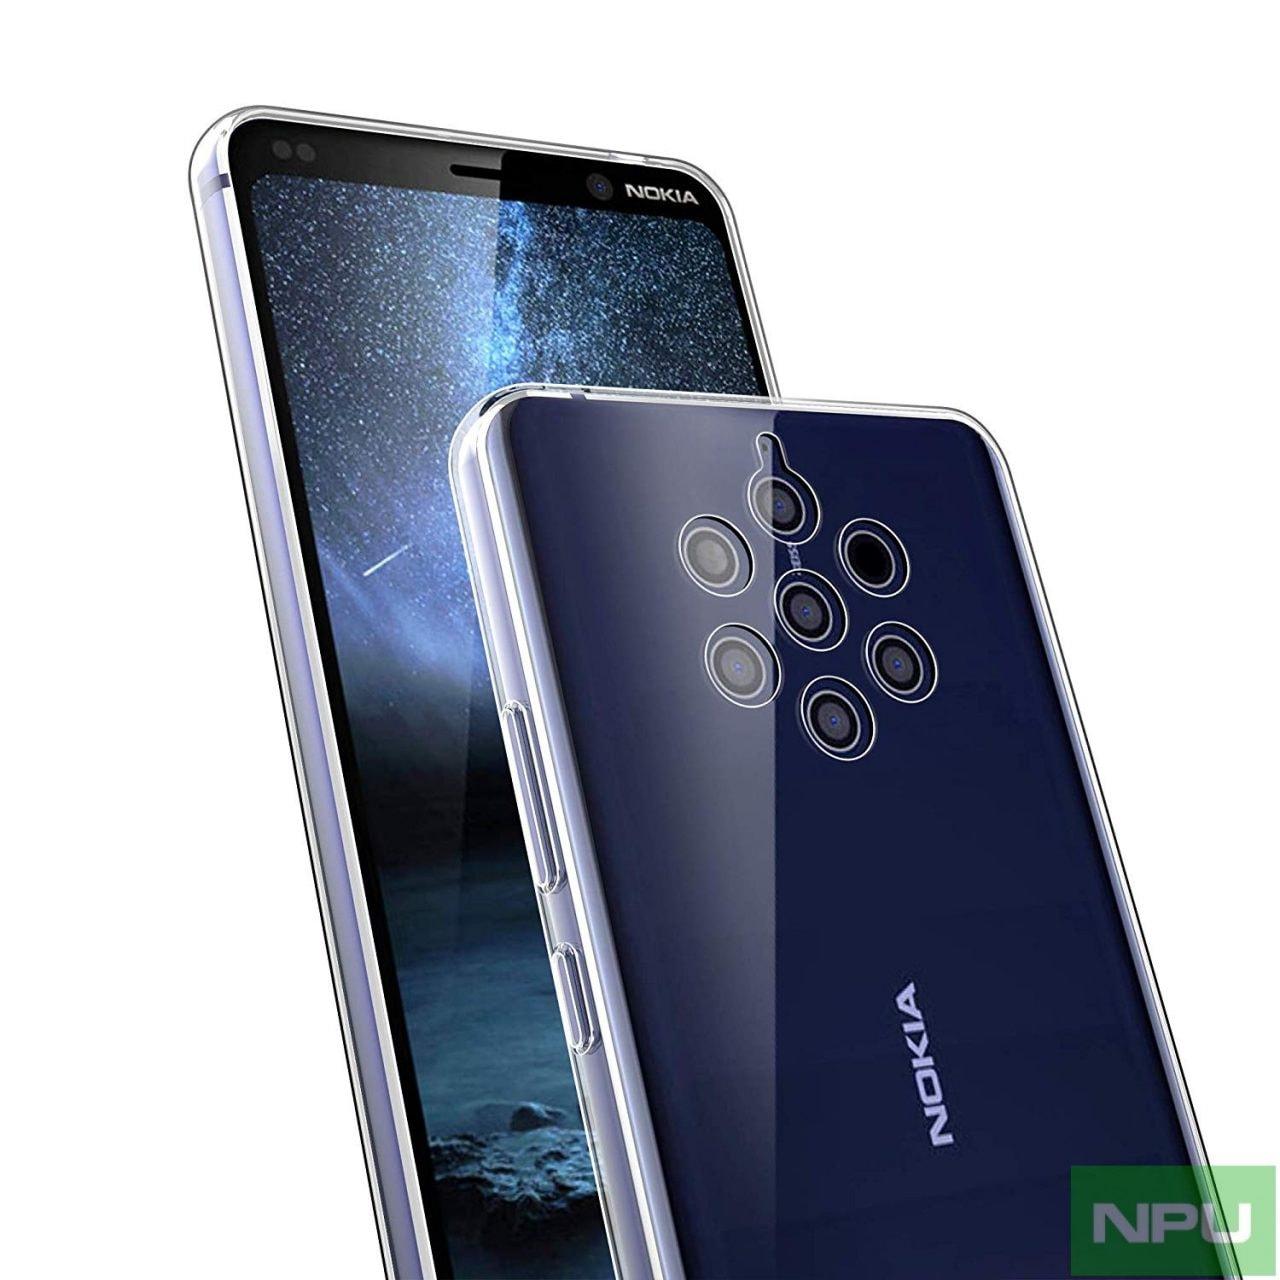 Nokia 9 sarà leggermente più lungo rispetto a Nokia 8, ma avrà molte più fotocamere (foto)